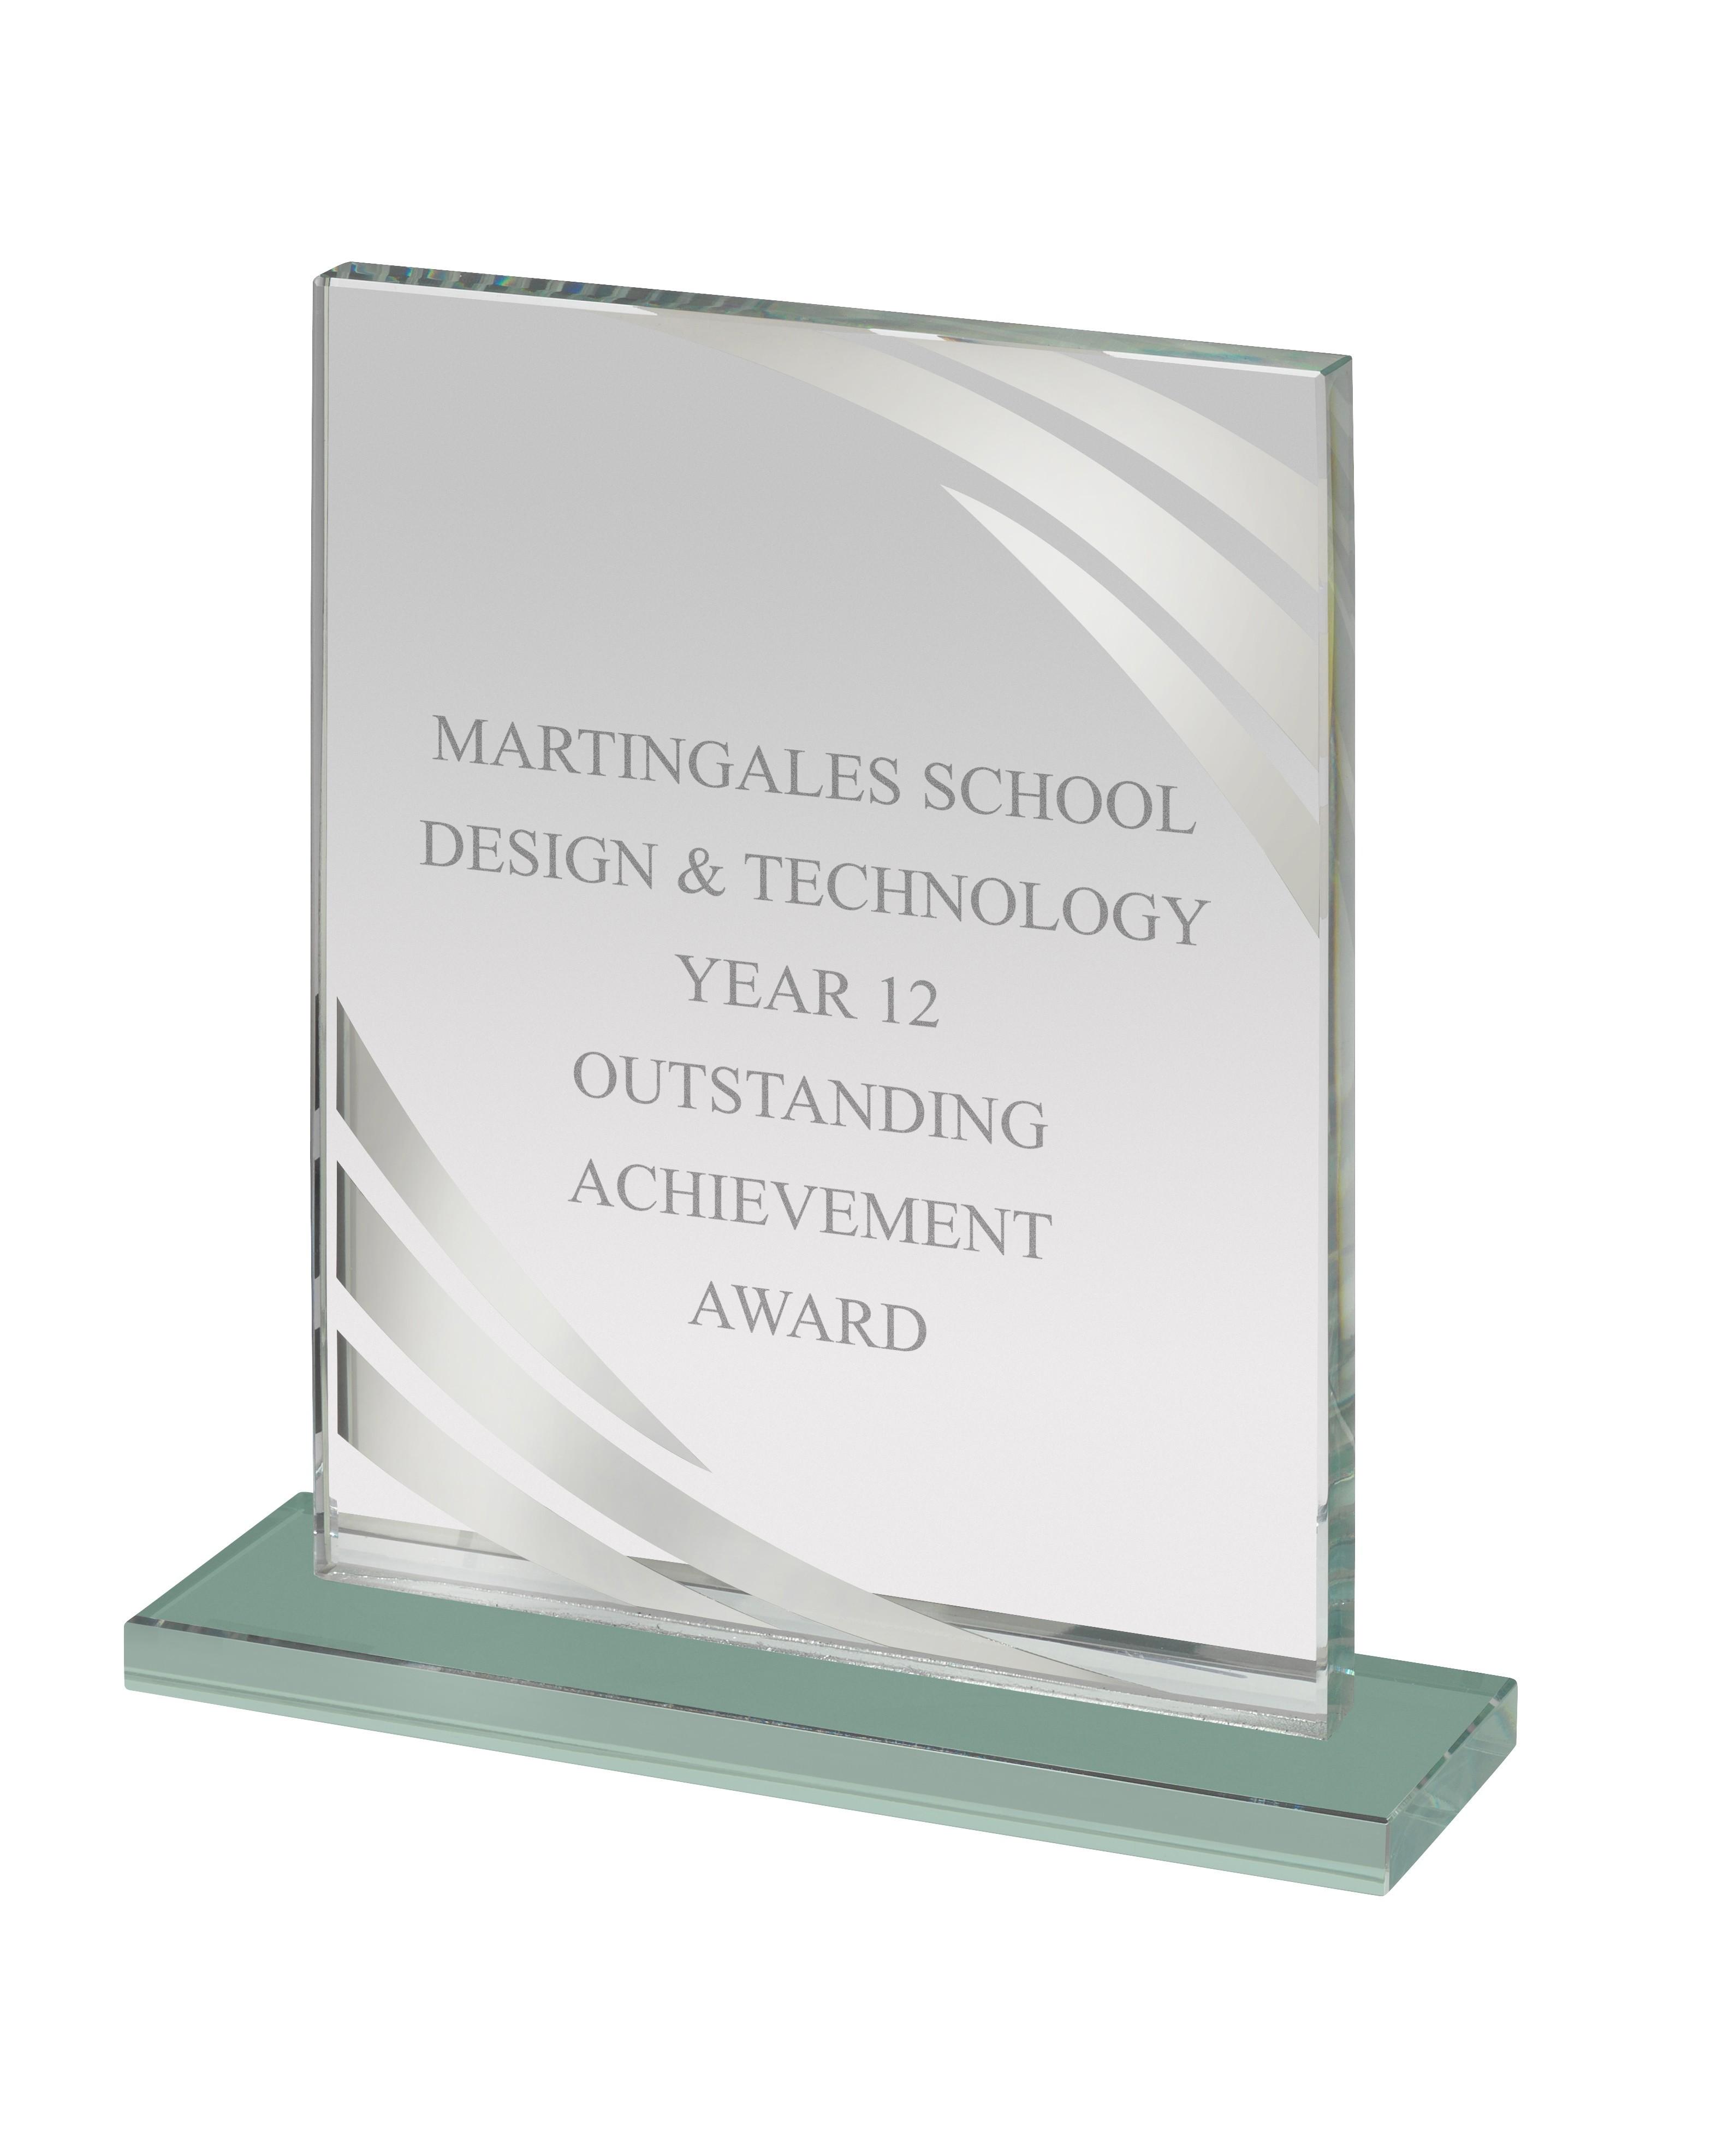 Glass Award in Box